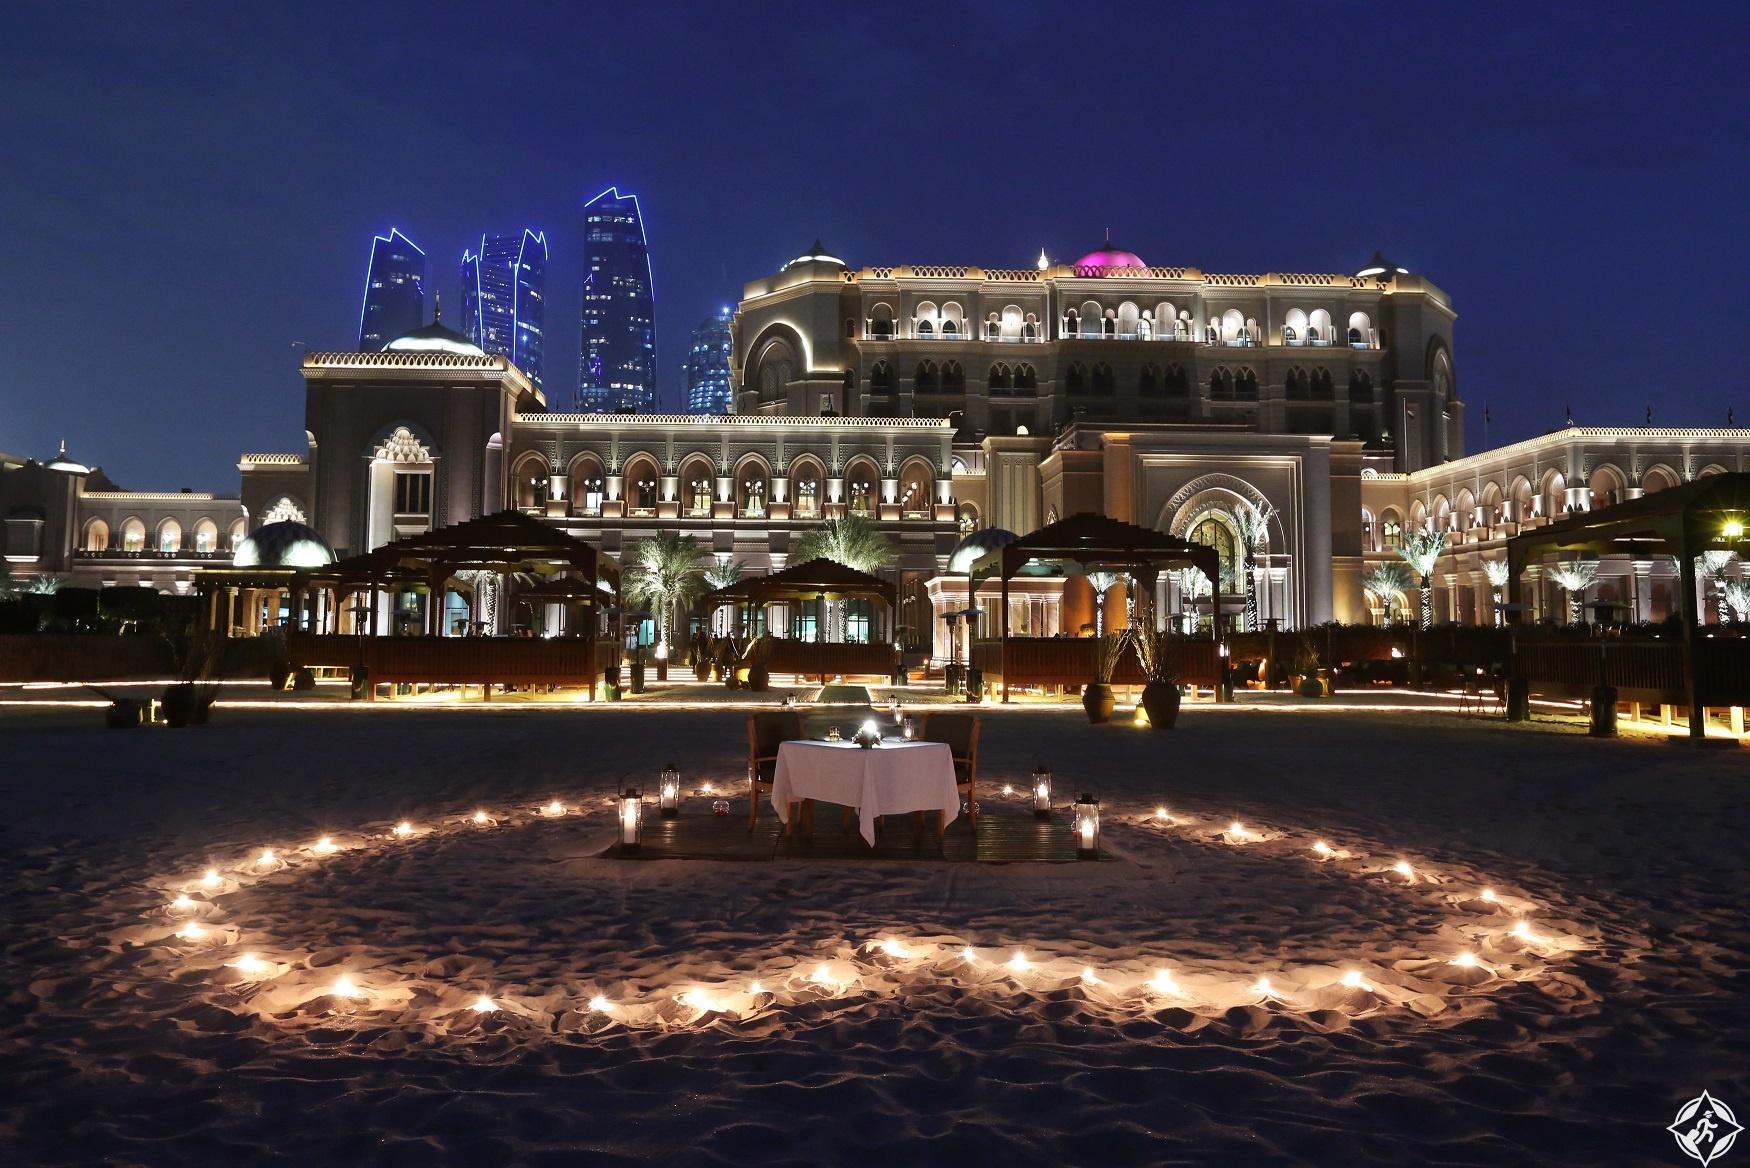 الإمارات-أبوظبي-فندق قصر الإمارات-أفضل فنادق أبوظبي للعرسان